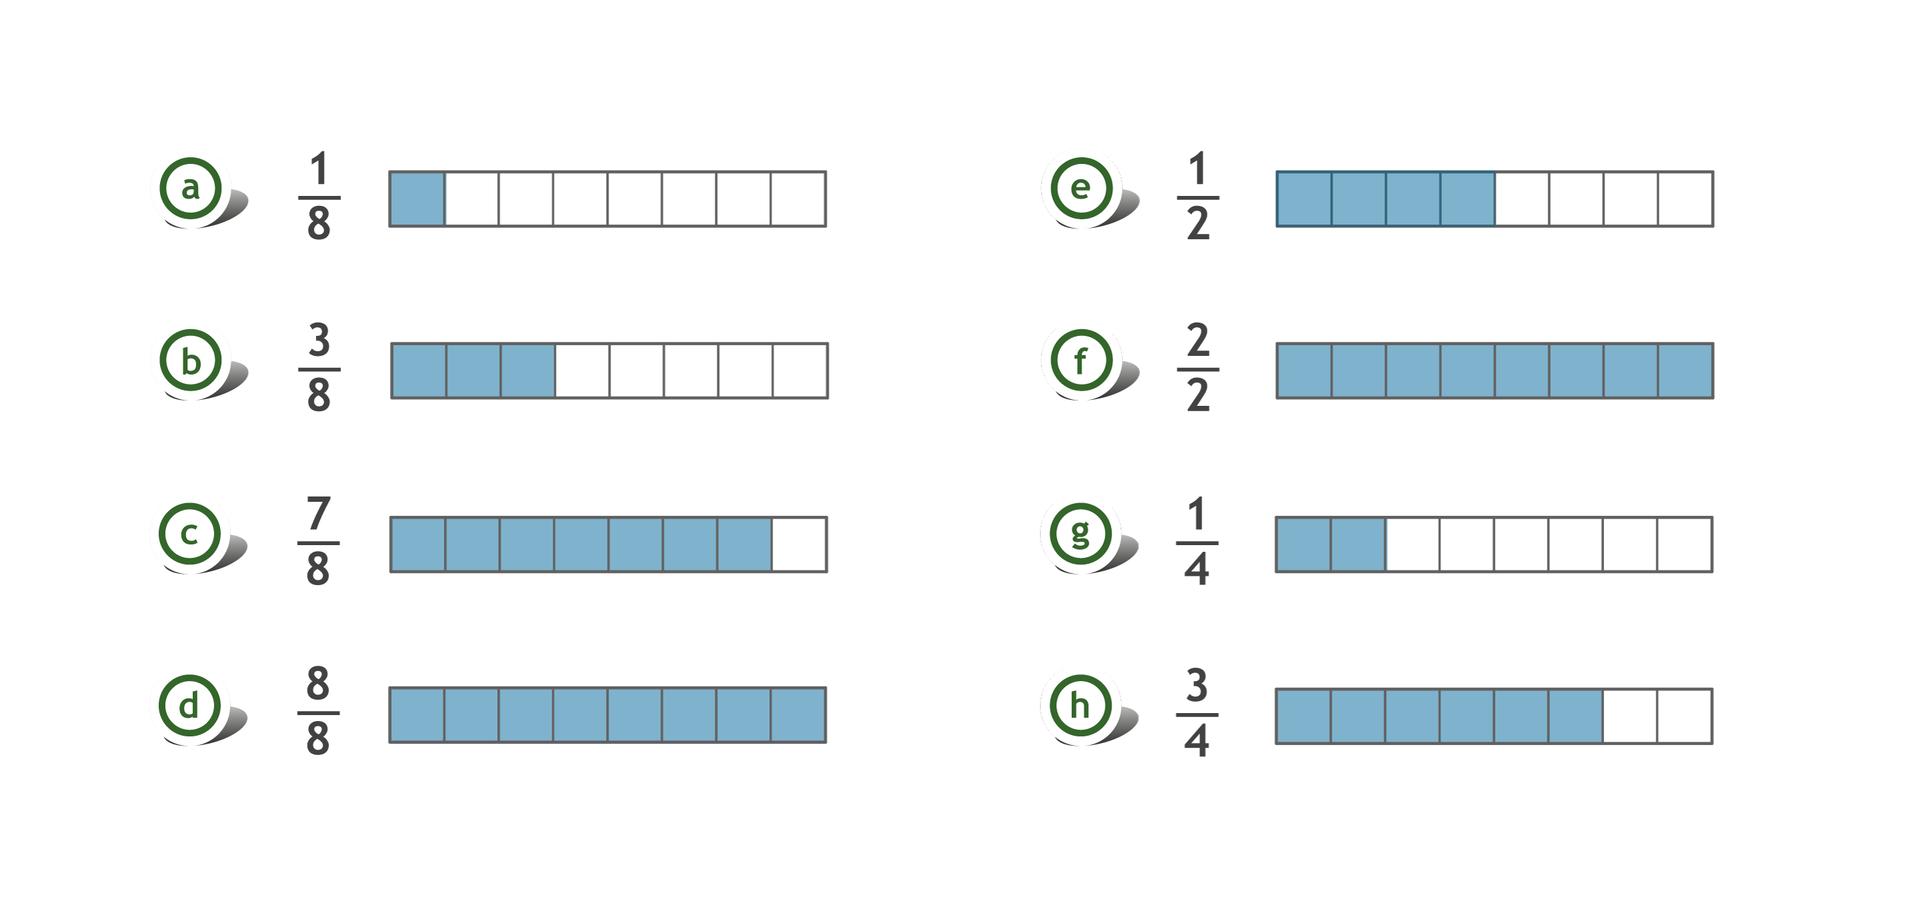 Rysunek ośmiu prostokątów, każdy podzielony na 8 równych części. Zamalowana jedna część zośmiu - ułamek jedna ósma. Zamalowane trzy zośmiu części – ułamek trzy ósme. Zamalowane siedem zośmiu części – ułamek siedem ósmych Zamalowane osiem zośmiu części – ułamek osiem ósmych. Zamalowane cztery zośmiu części - ułamek jedna druga. Zamalowane osiem zośmiu części - ułamek dwie drugie. Zamalowane dwie zośmiu części – ułamek jedna czwarta. Zamalowane sześć zośmiu części - ułamek trzy czwarte. Rysunek jest rozwiązaniem zadania.